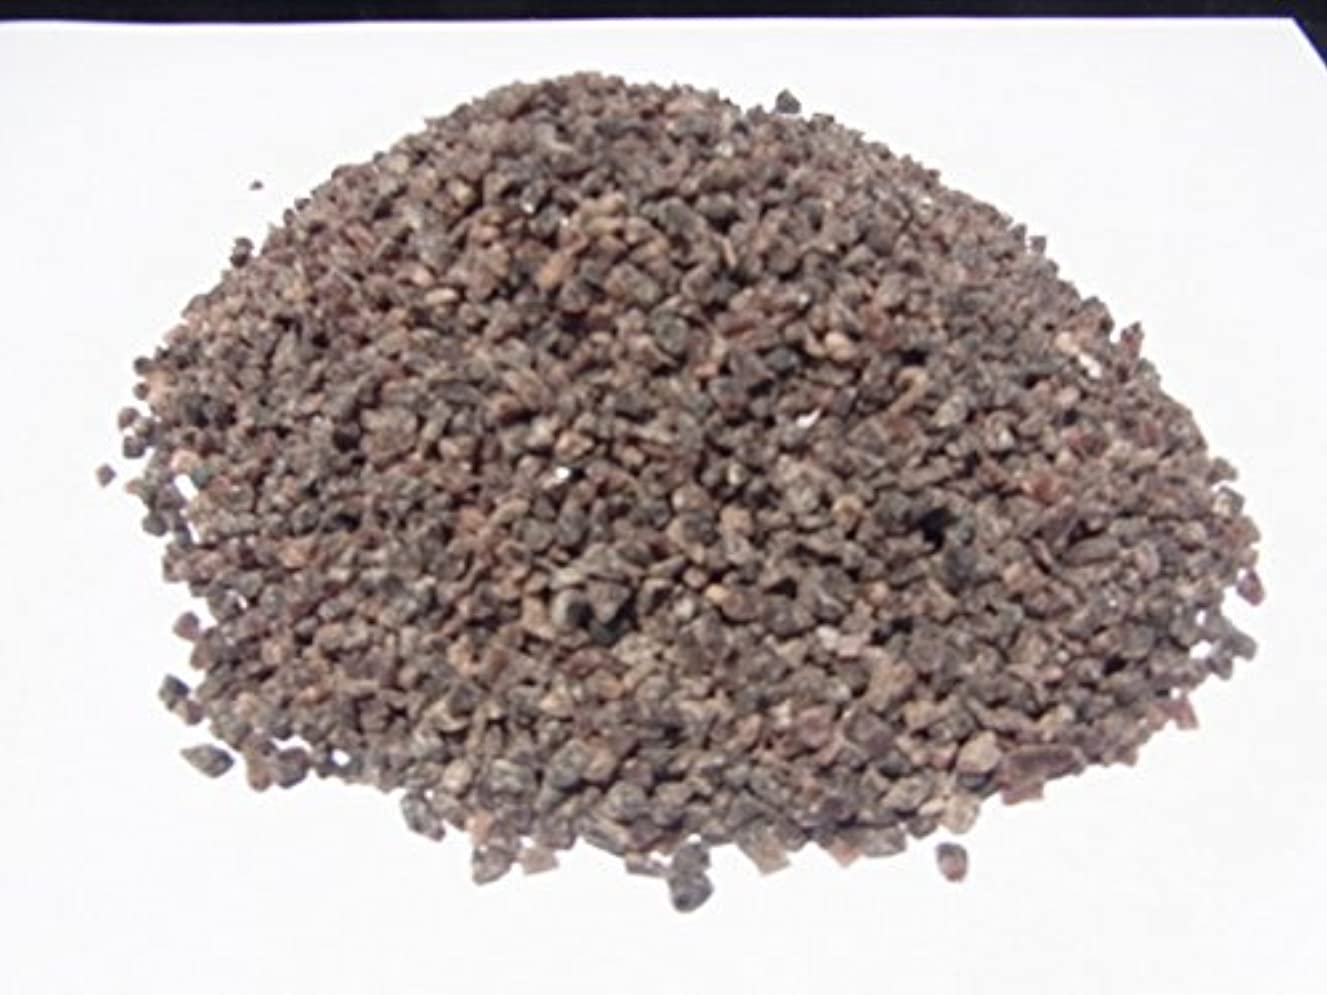 小人子孫シリアルヒマラヤ岩塩1kg【ブラックソルト】 紫岩塩 ザラメ 粗粒 バスソルト